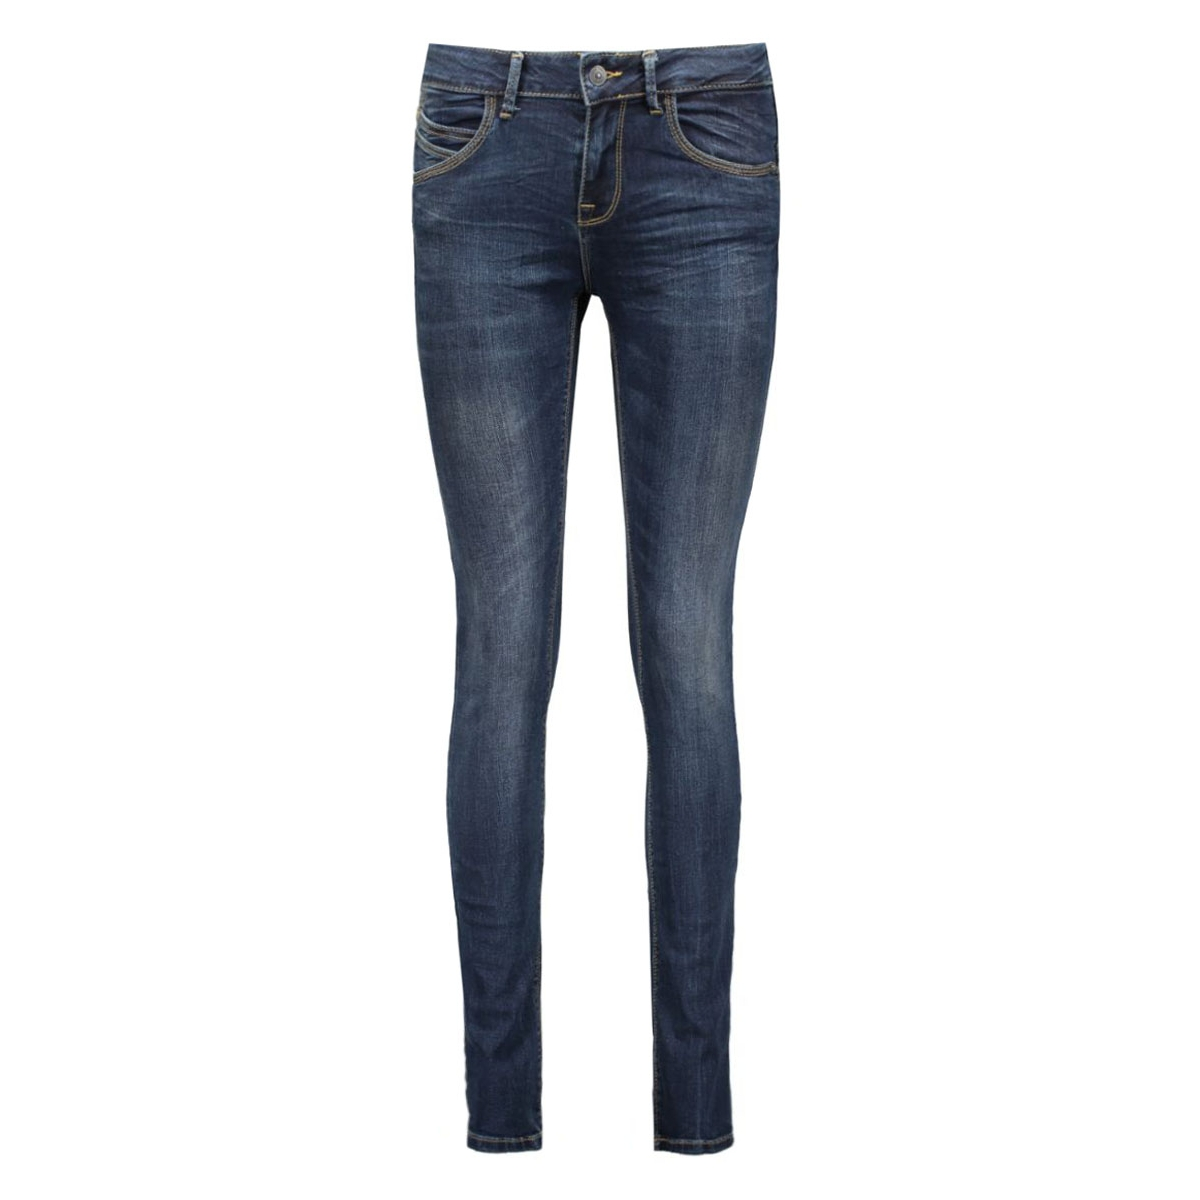 100950927.13141 ltb jeans melana wash